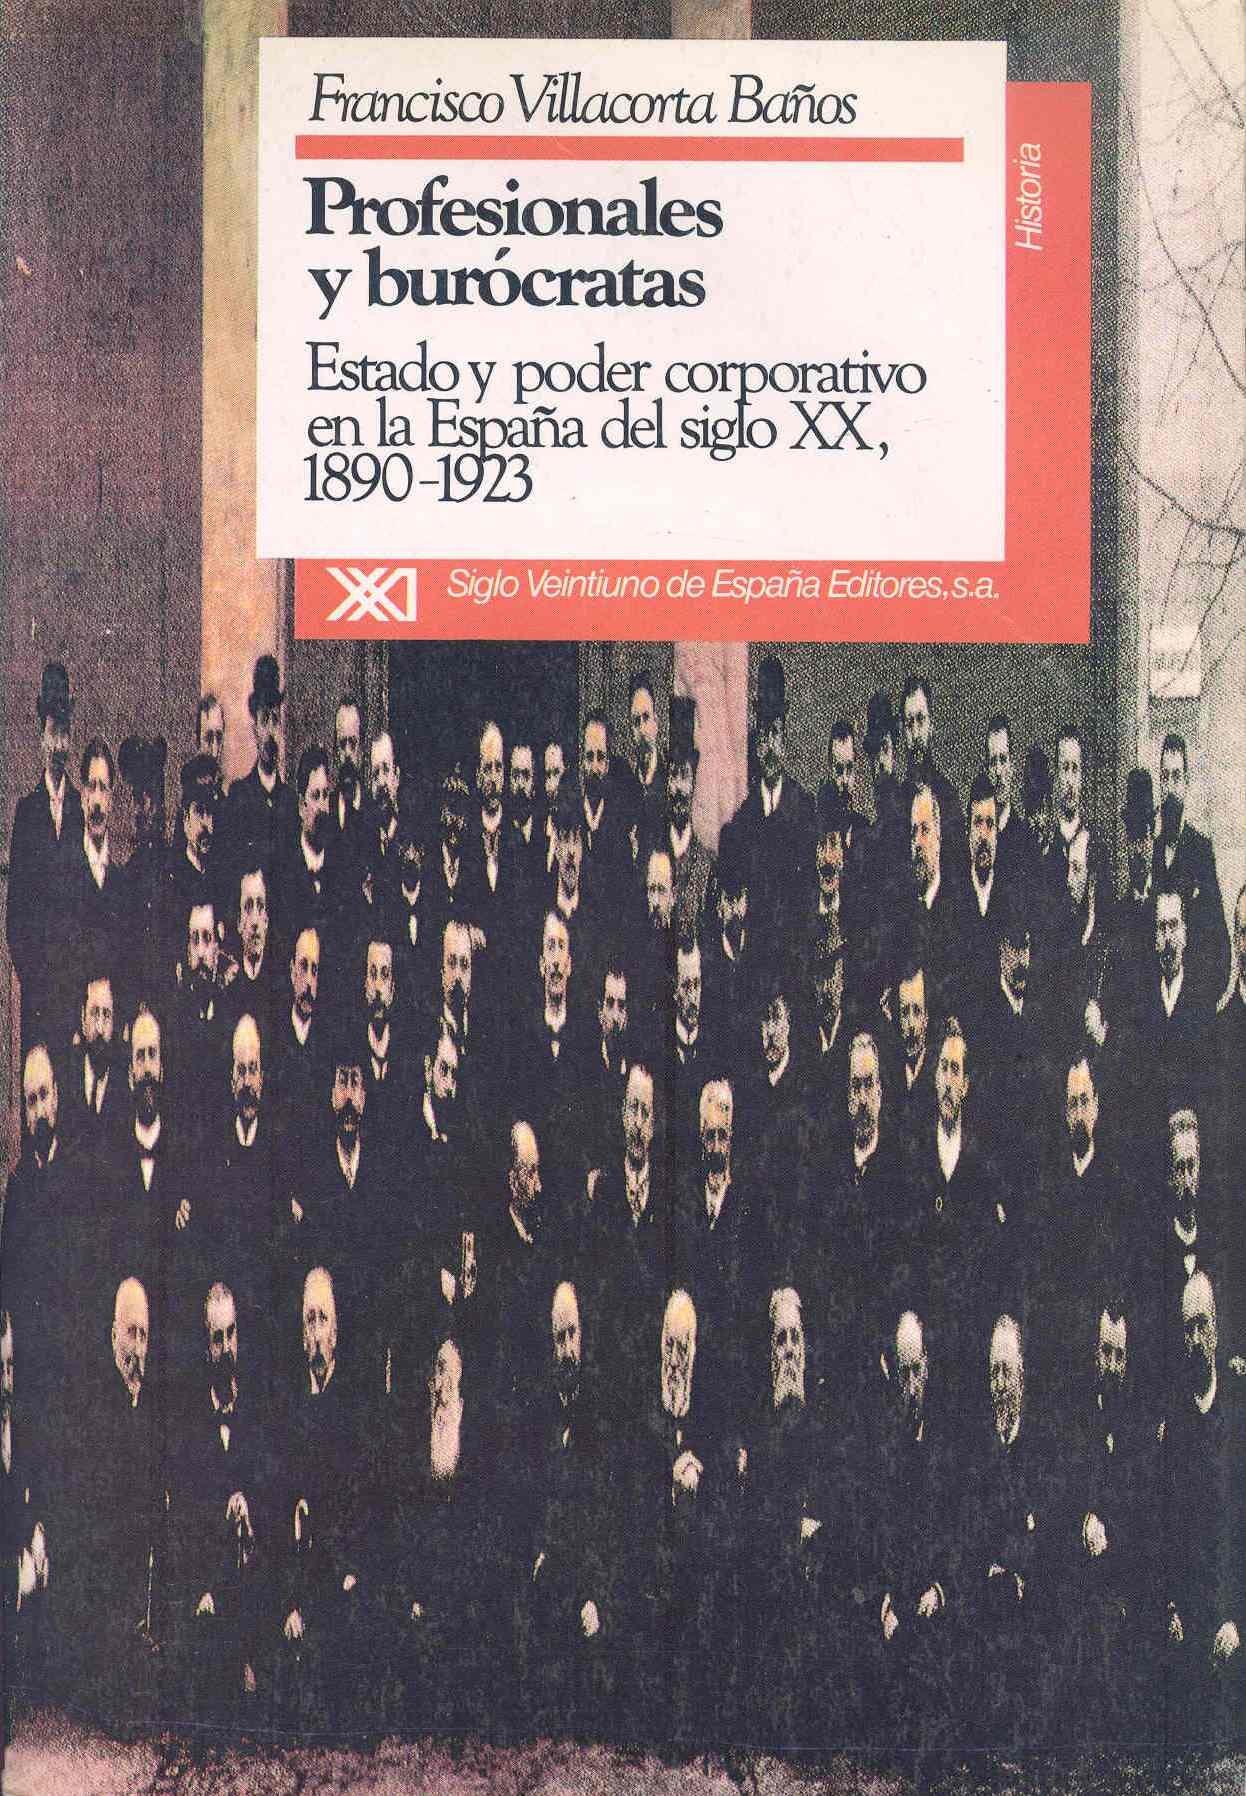 Profesionales y burócratas: Estado y poder corporativo en la España del siglo XX, 1890-1923 Historia: Amazon.es: Villacorta Baños, Francisco, Arjona, Pedro: Libros